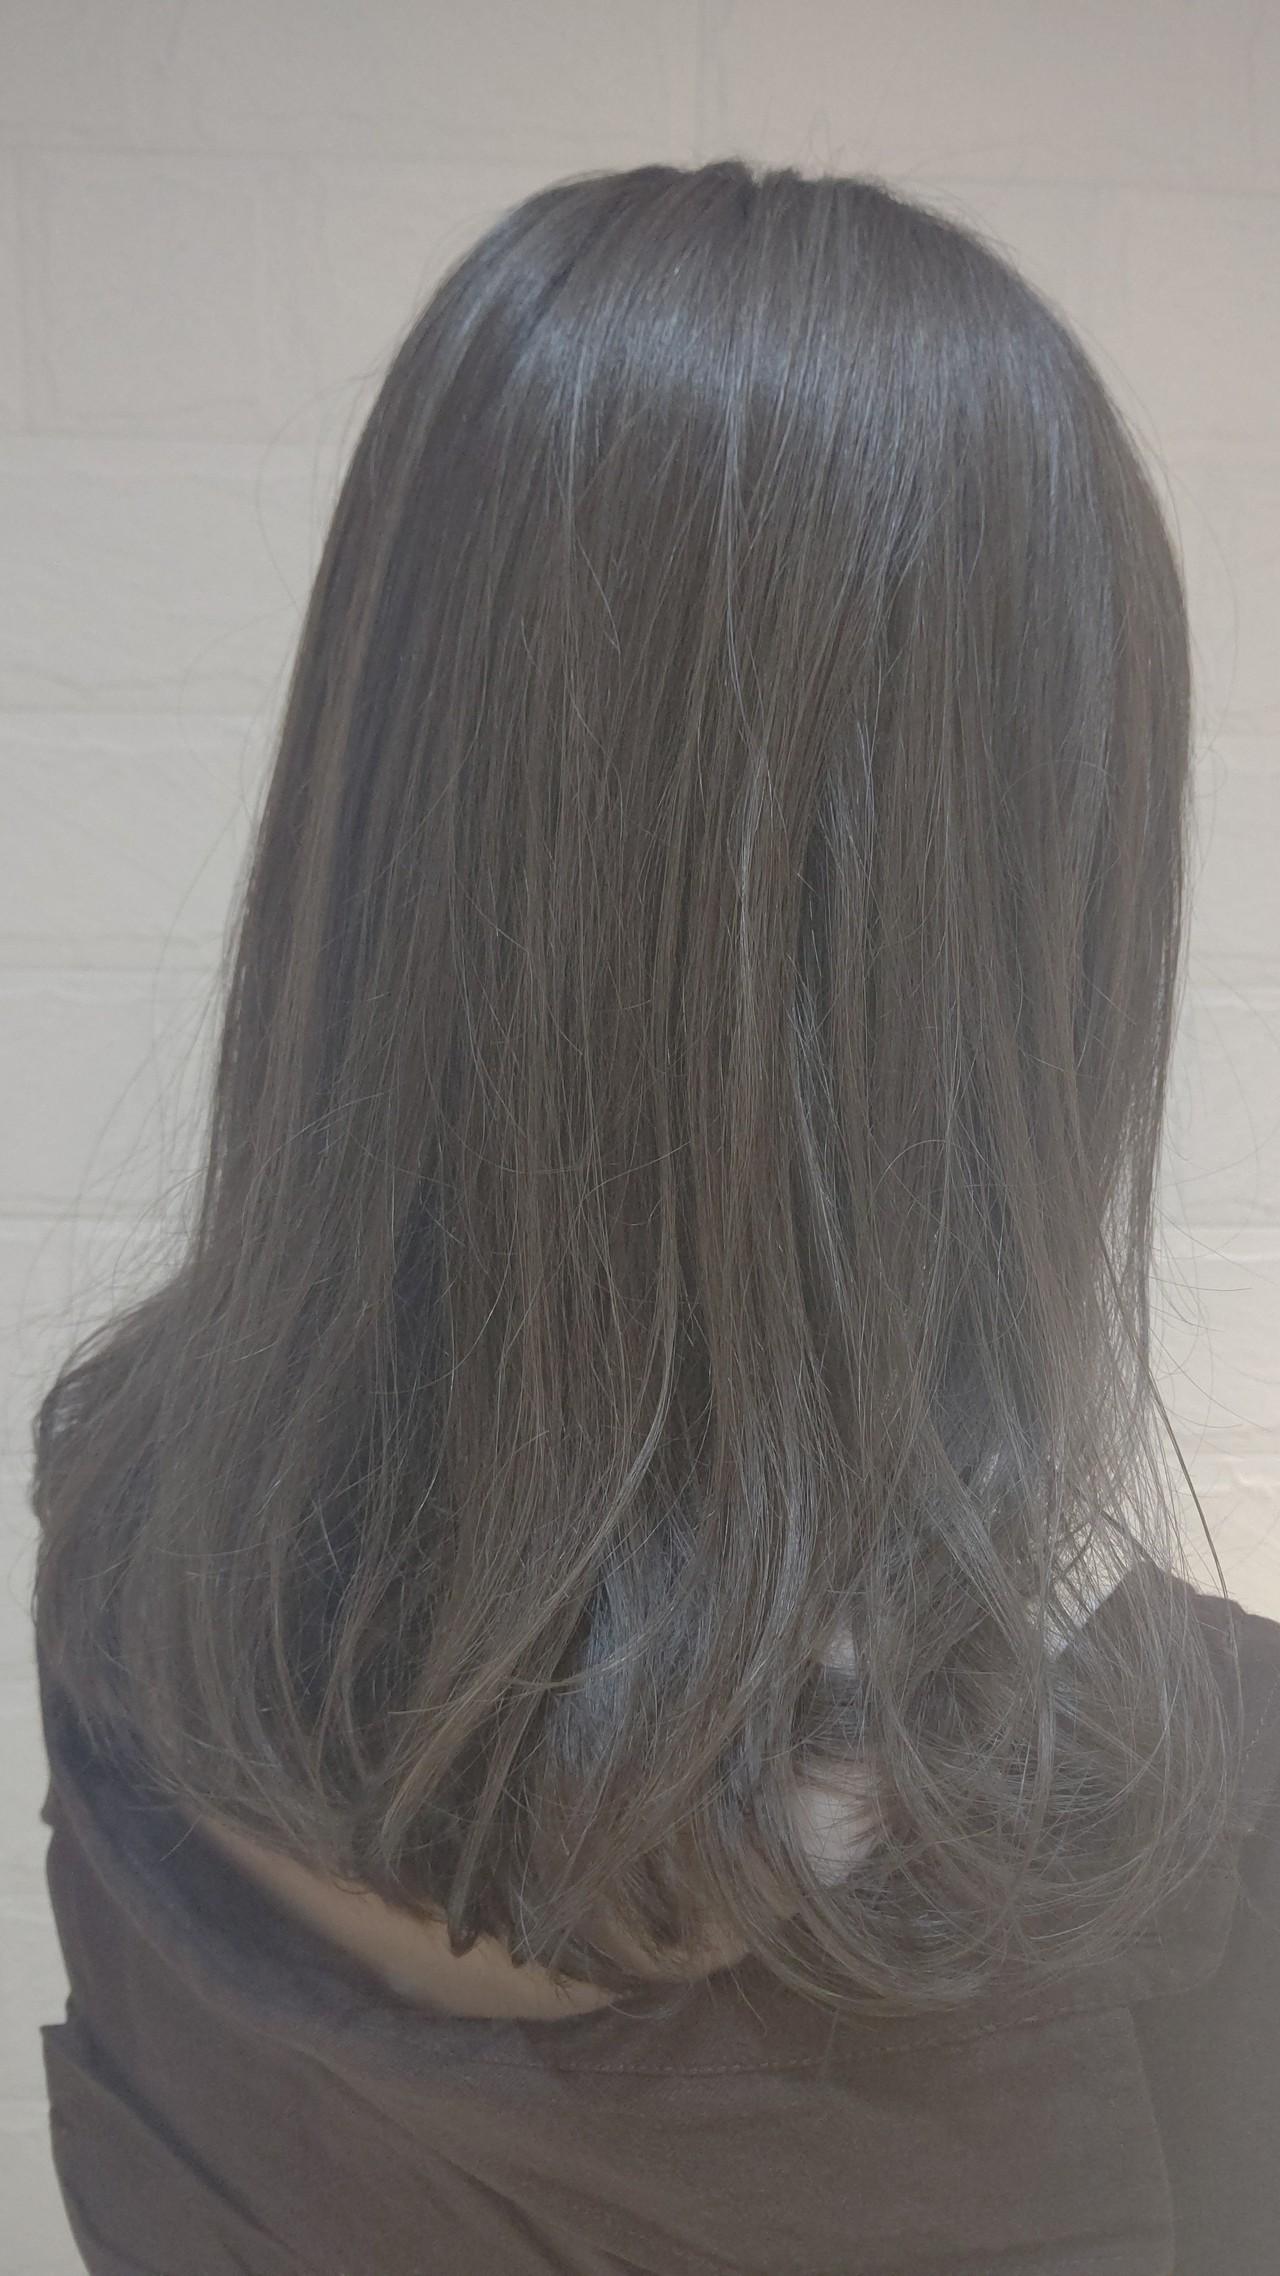 外国人風 アッシュグレージュ グレージュ ミディアムヘアスタイルや髪型の写真・画像